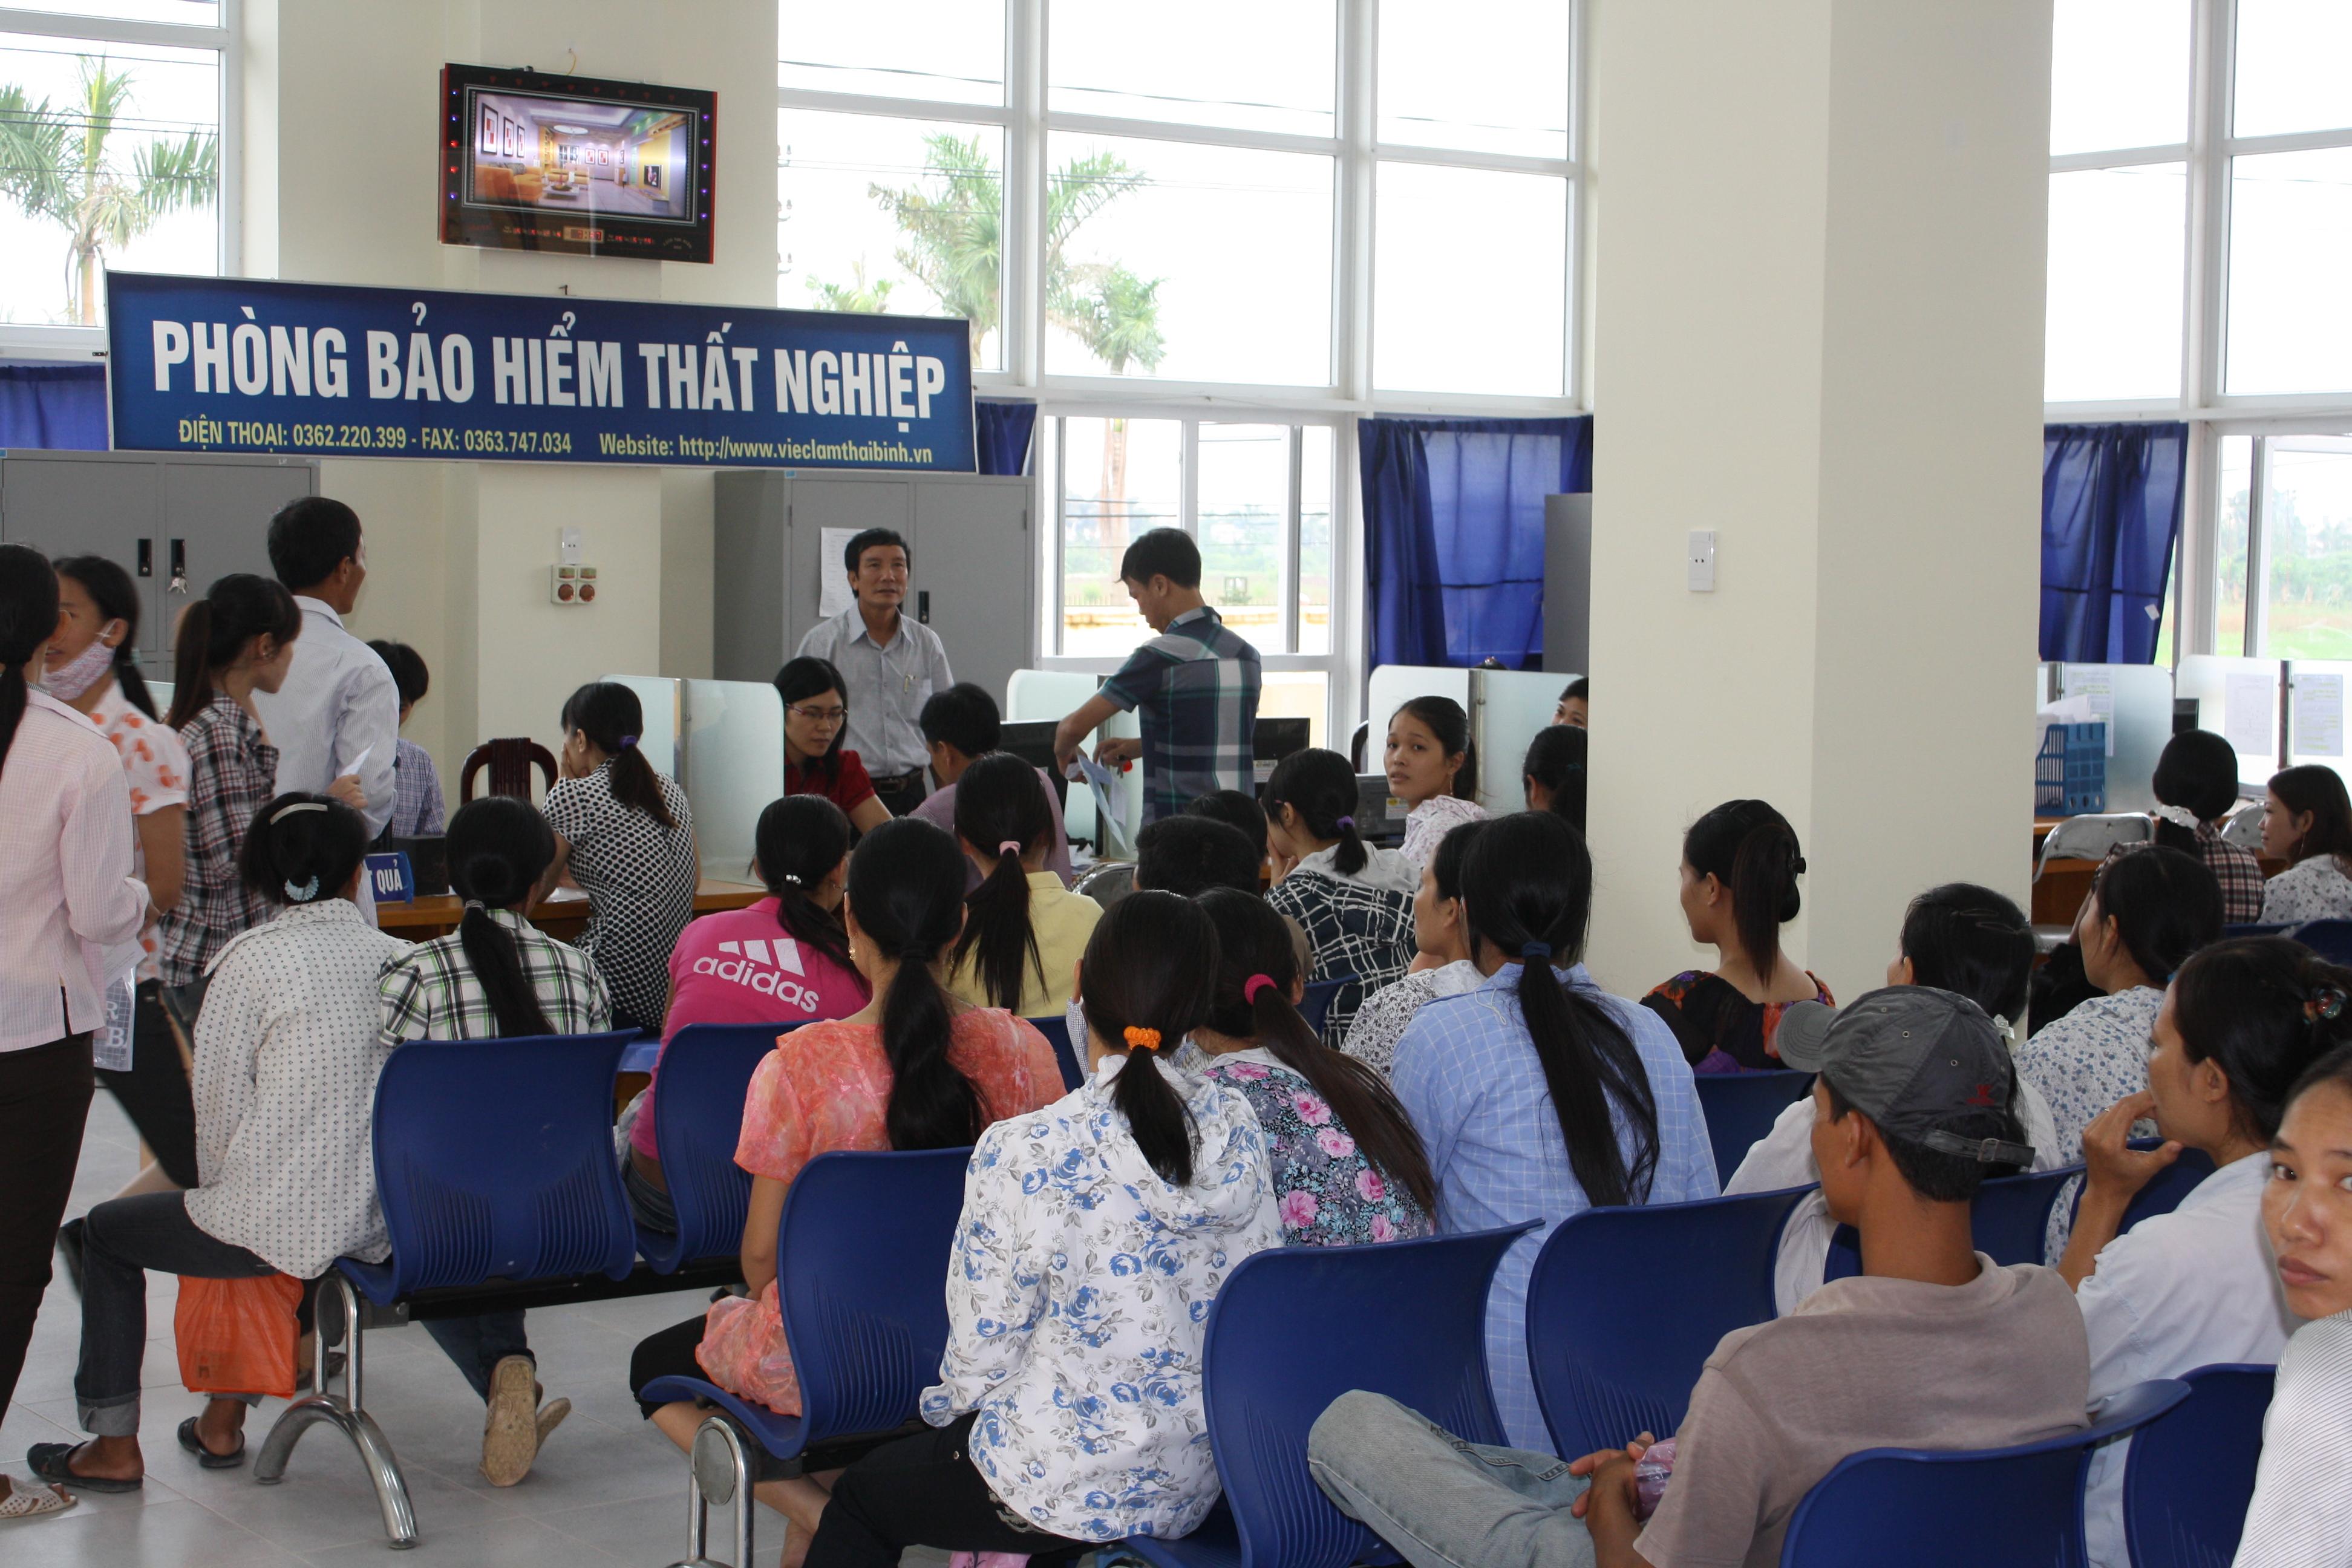 Điện thoại tư vấn bảo hiểm thất nghiệp tại Lâm Đồng